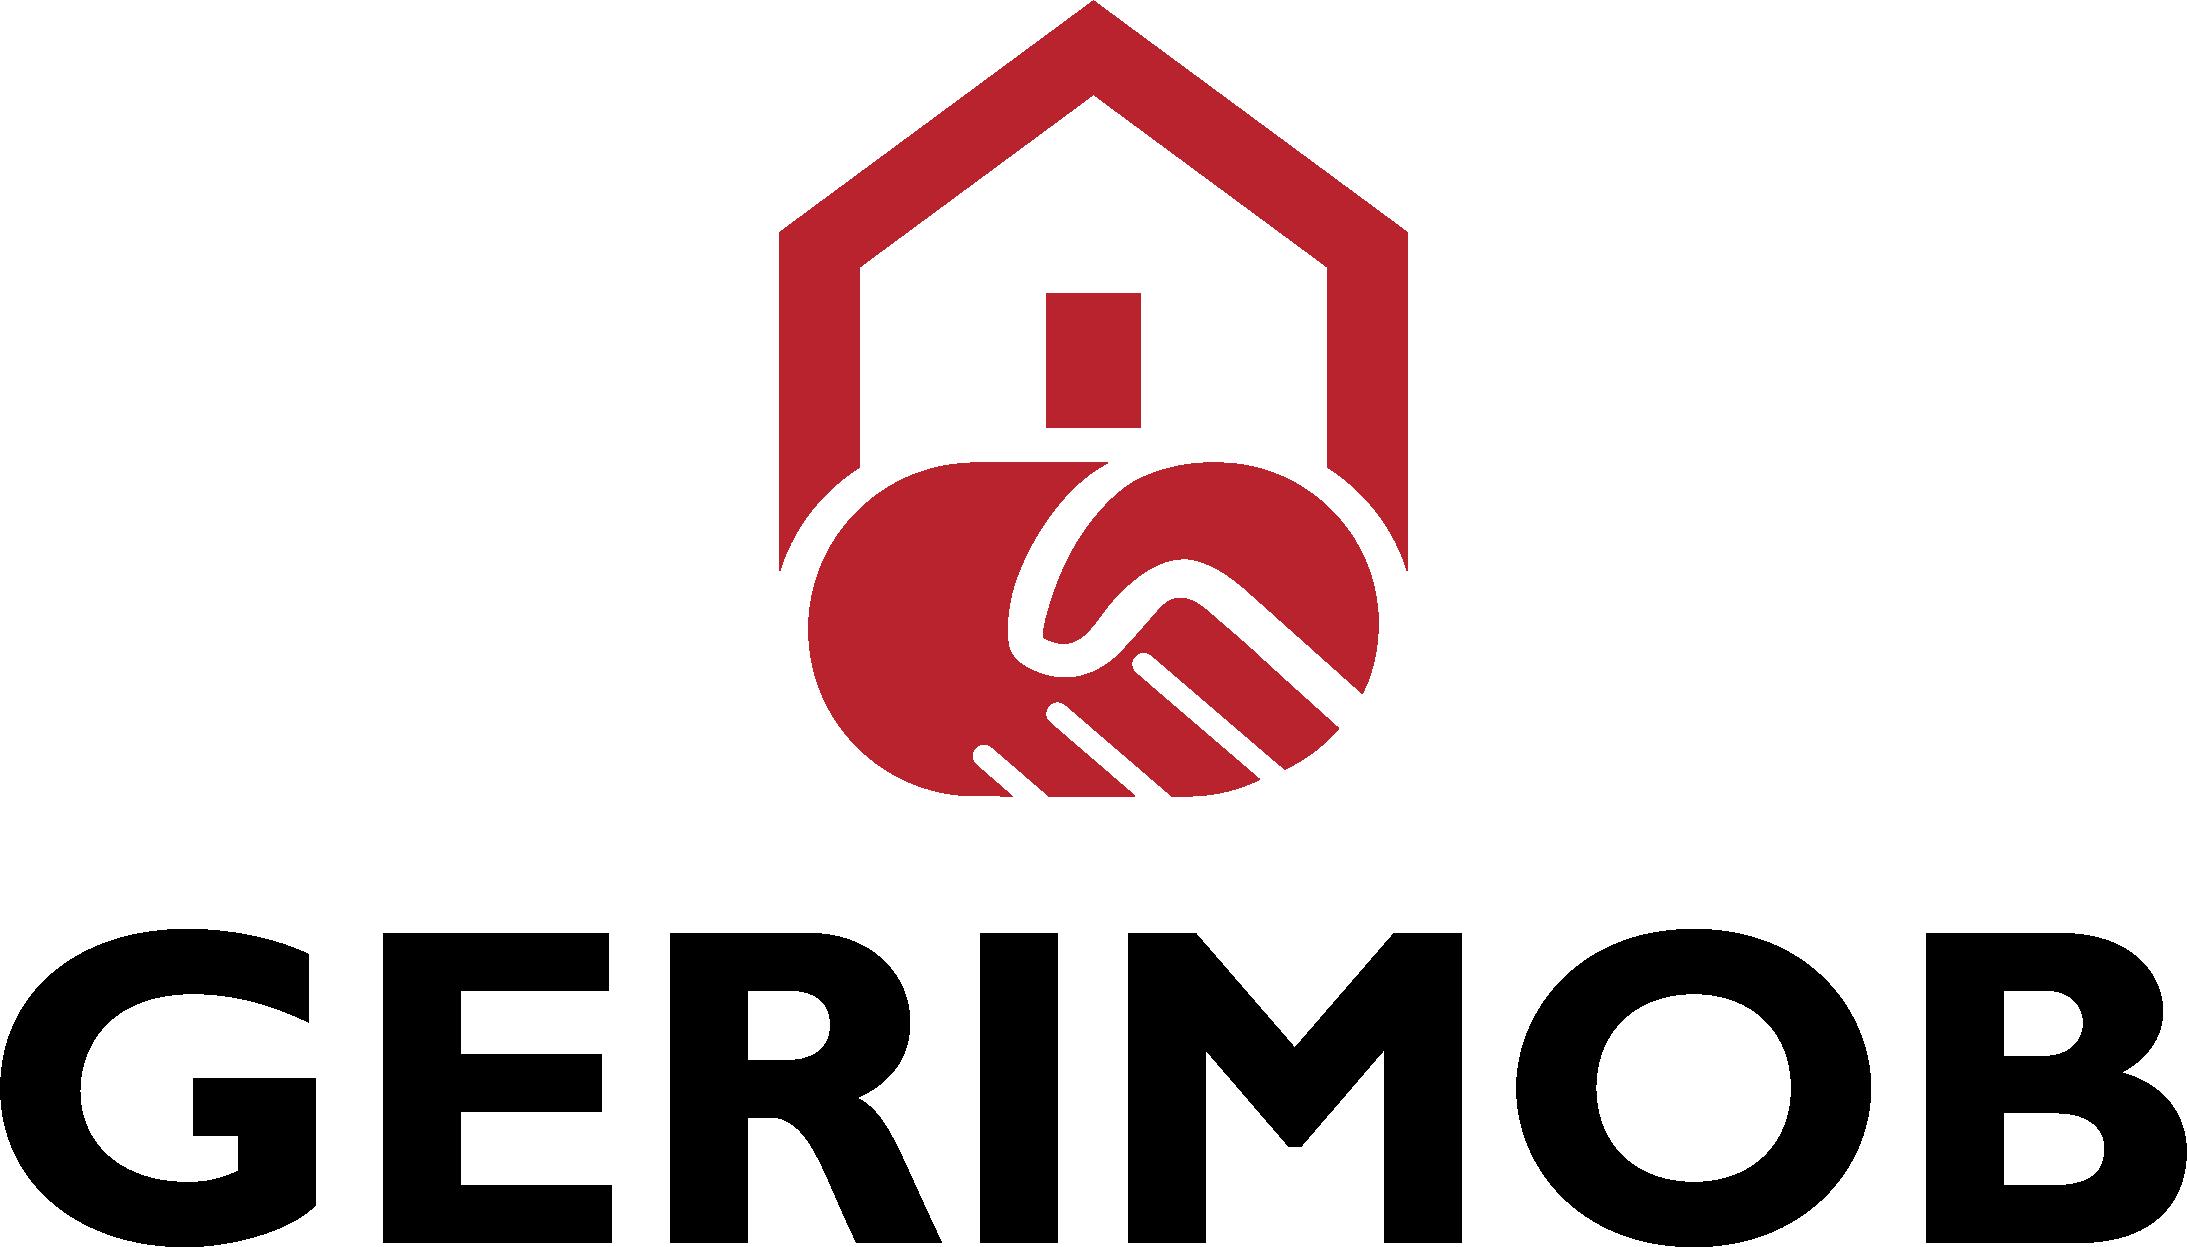 DOMOGERIMOB Mediação Imobiliária e Gestão de condomínios, Lda